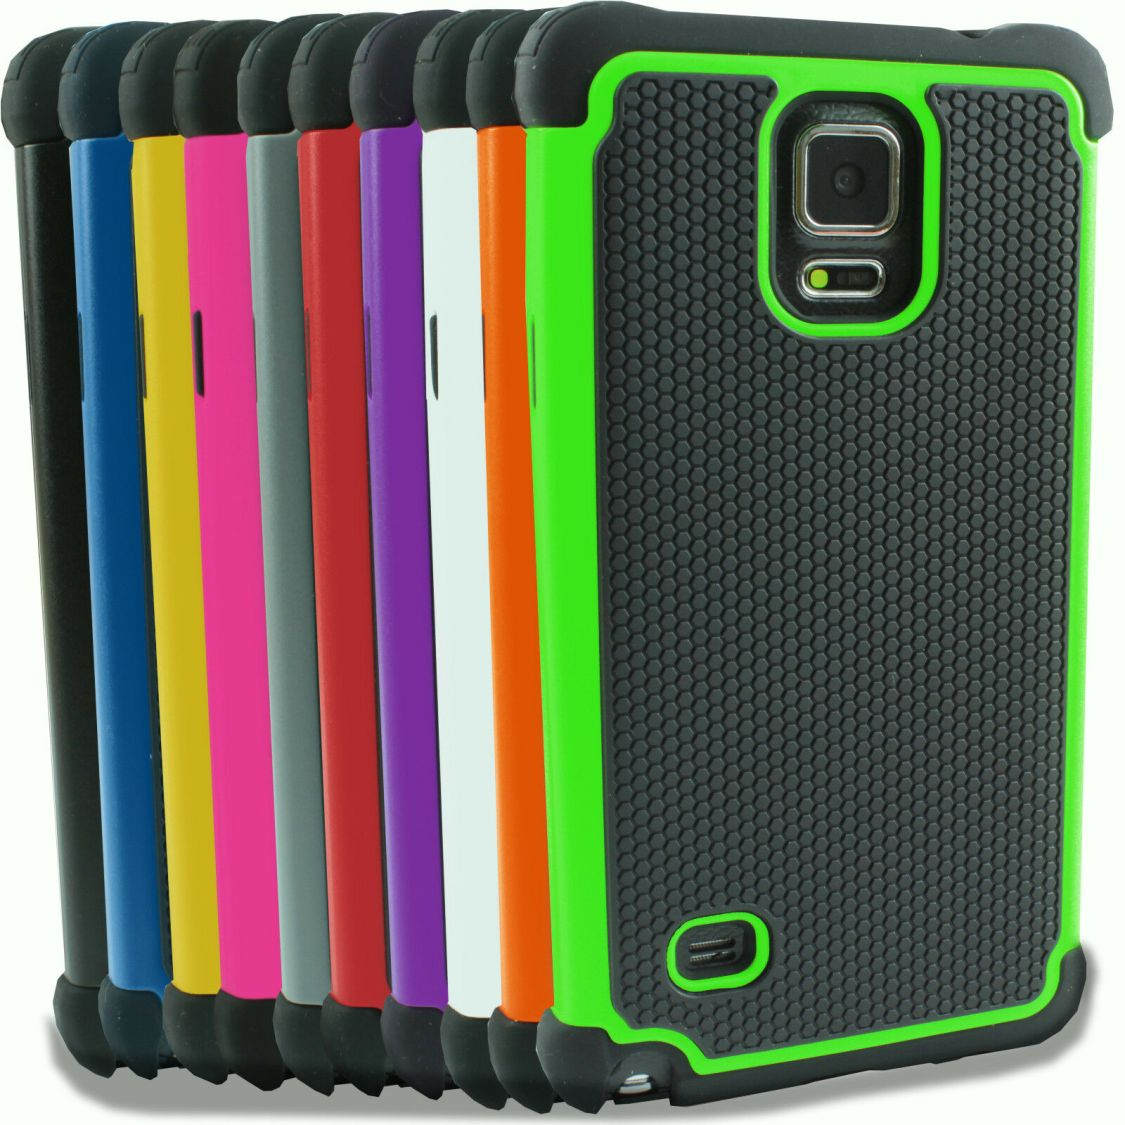 Für Samsung Galaxy Note, S4 S5 S6 S7 Mini Outdoor Case Cover Hülle Panzerfolie